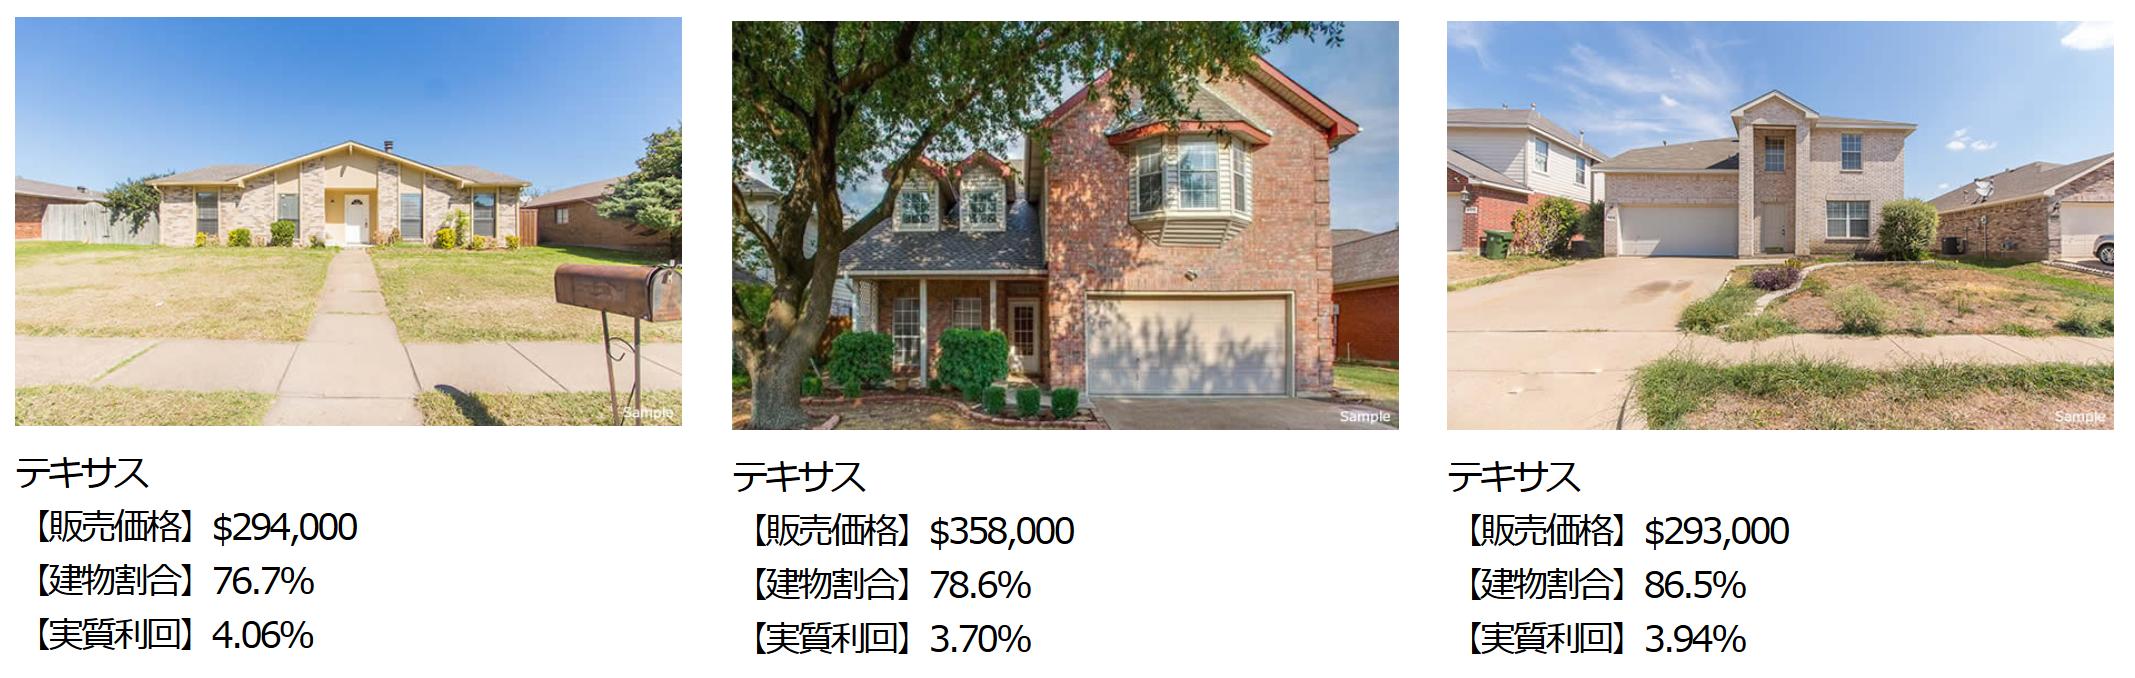 オープンハウスが販売しているアメリカ不動産の例